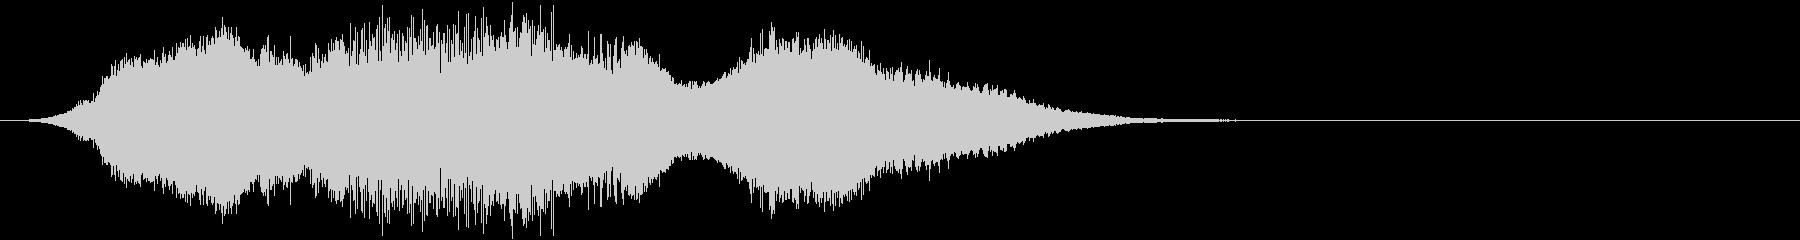 ドライアイス;不気味なハイメタルミ...の未再生の波形